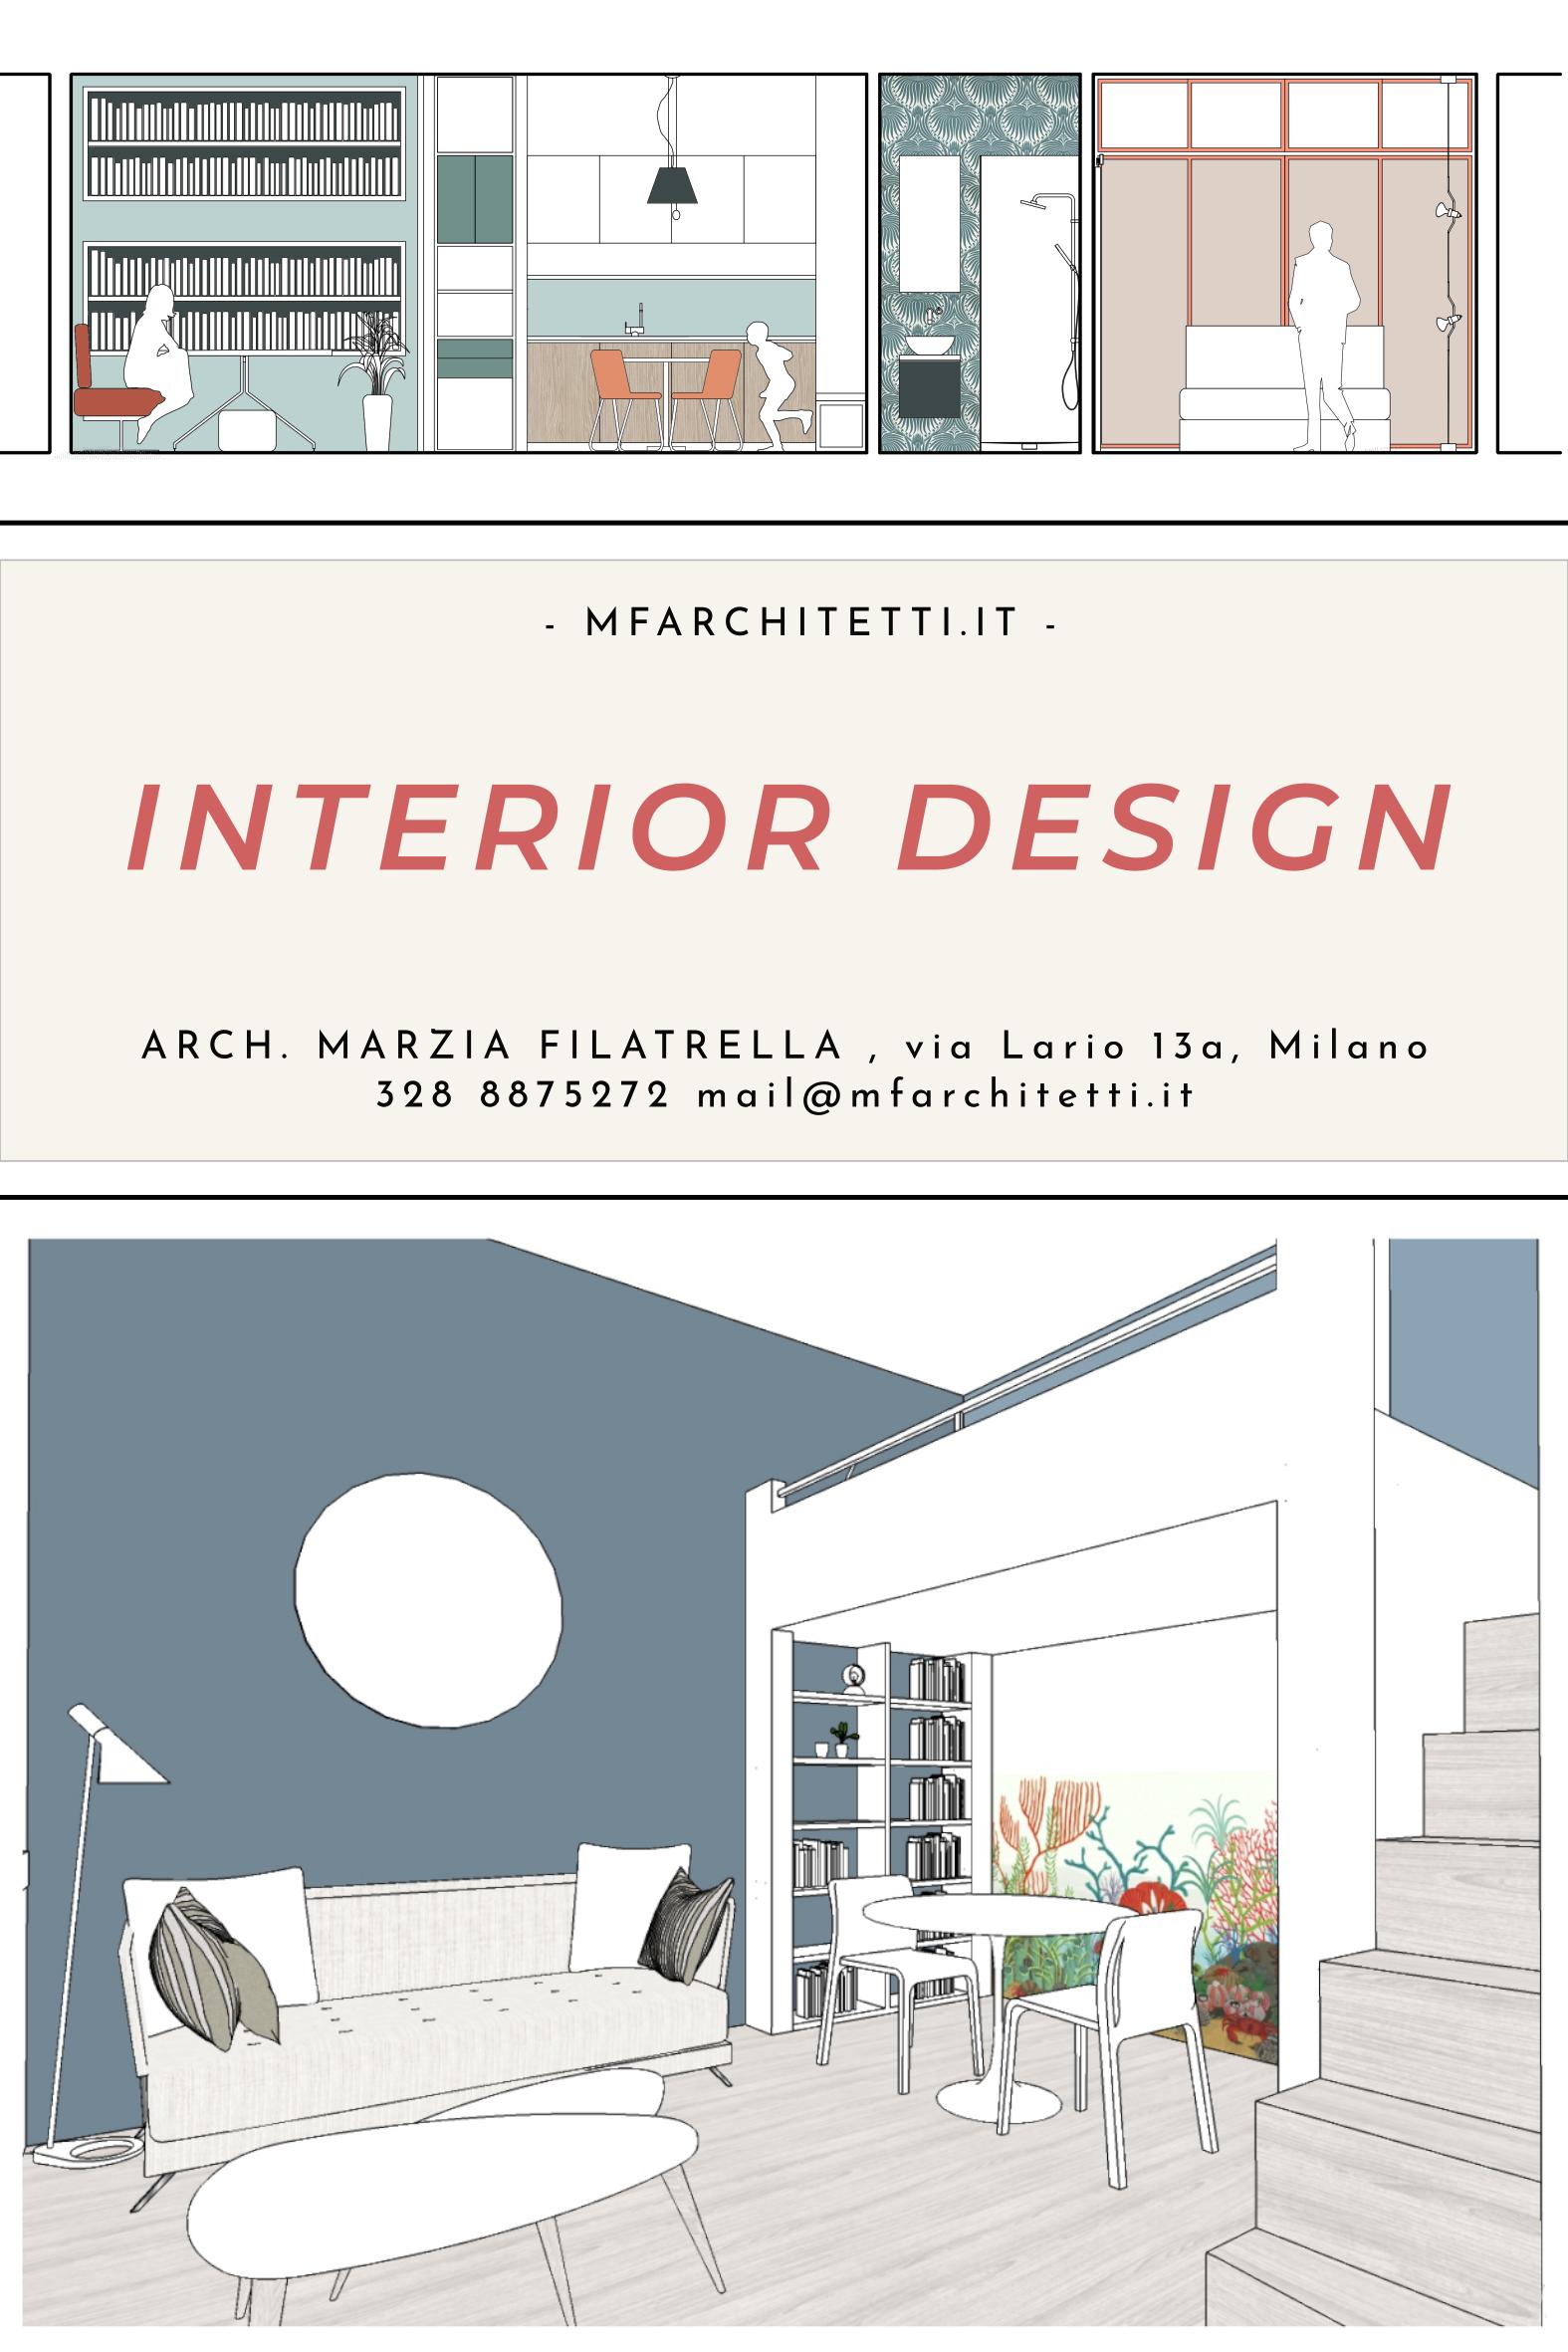 Interior Design Design Di Interni Presentazione Architettonica Progettazione Di Interni